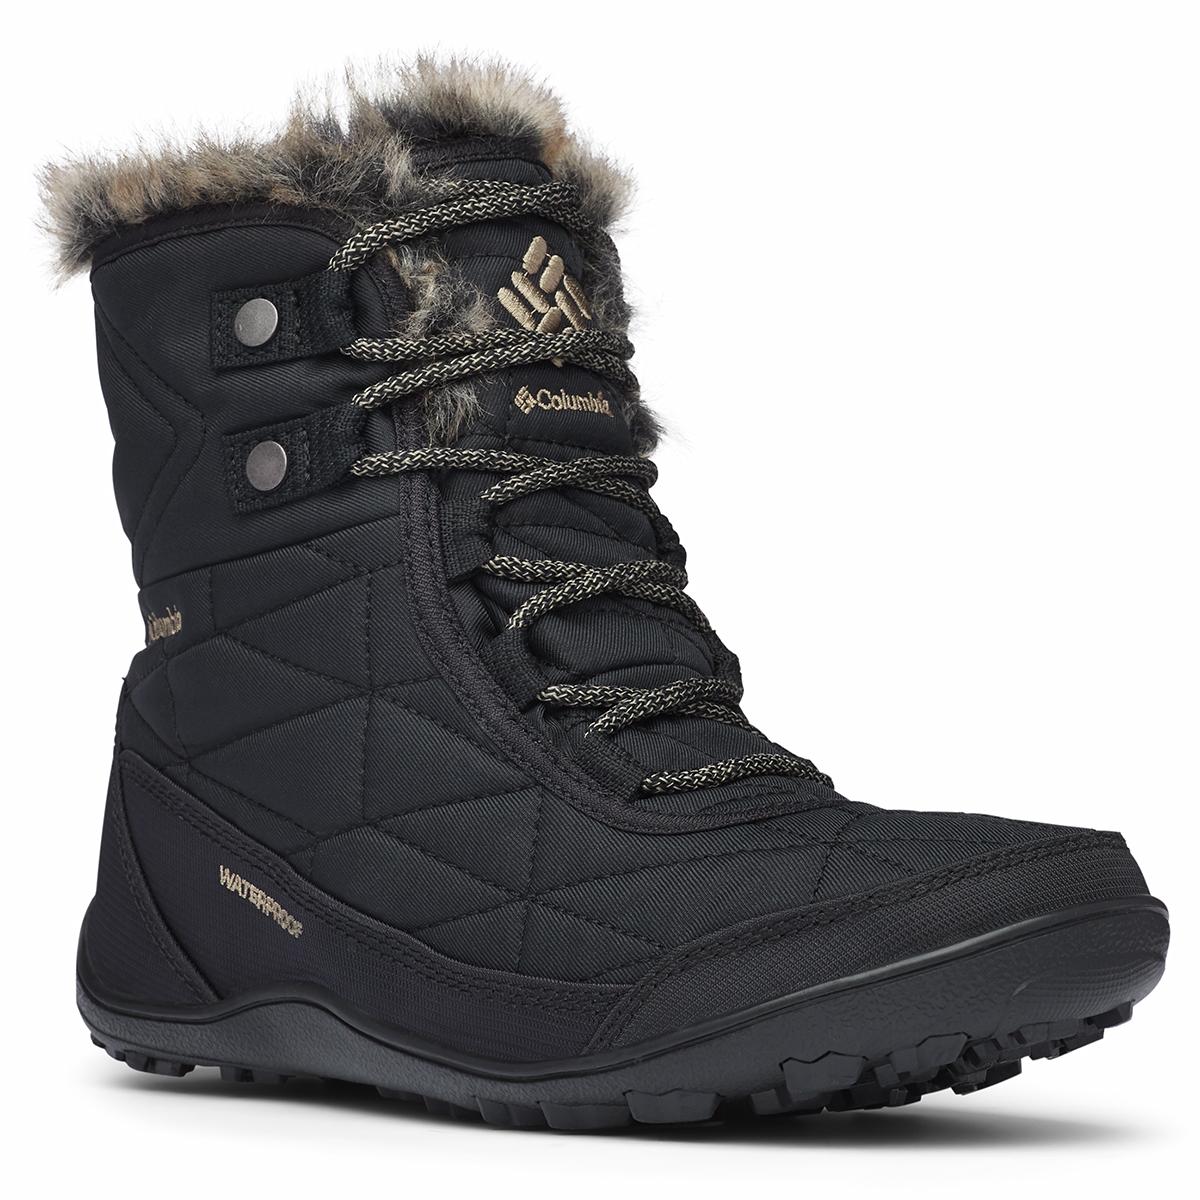 Columbia Women's Minx Shorty 3 Waterproof Boot - Black, 10